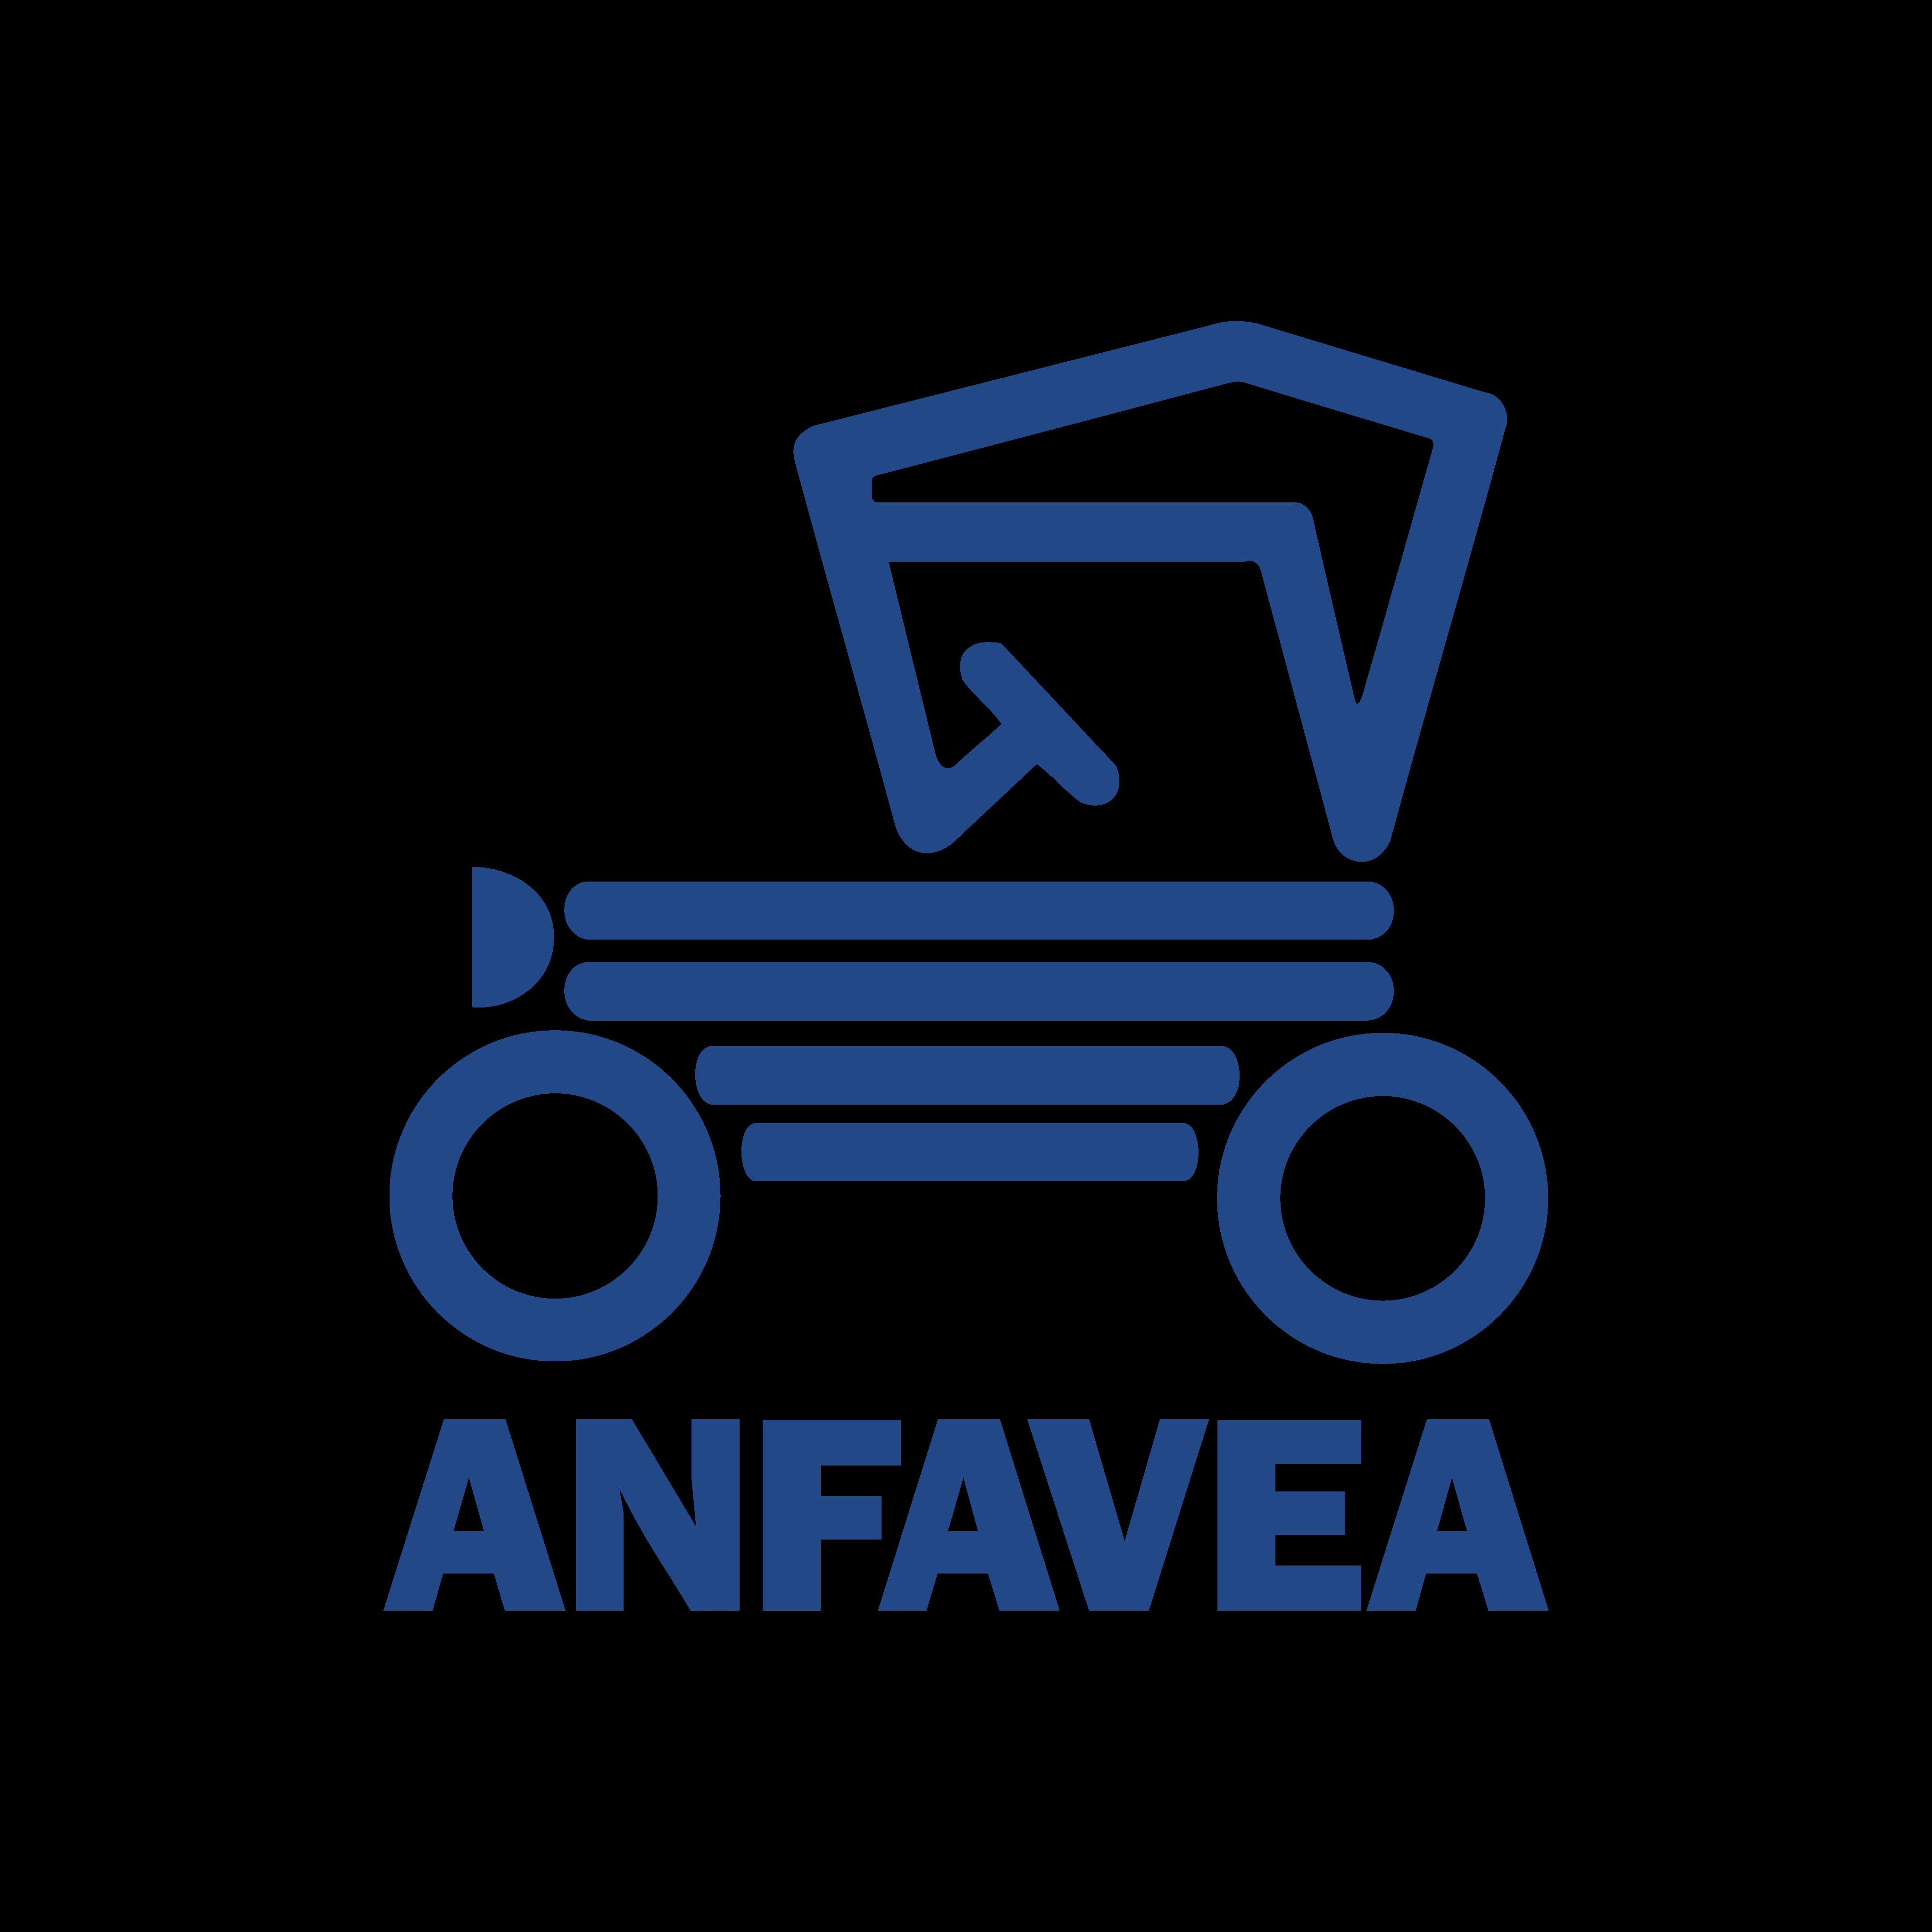 ANFAVEA Logo PNG.